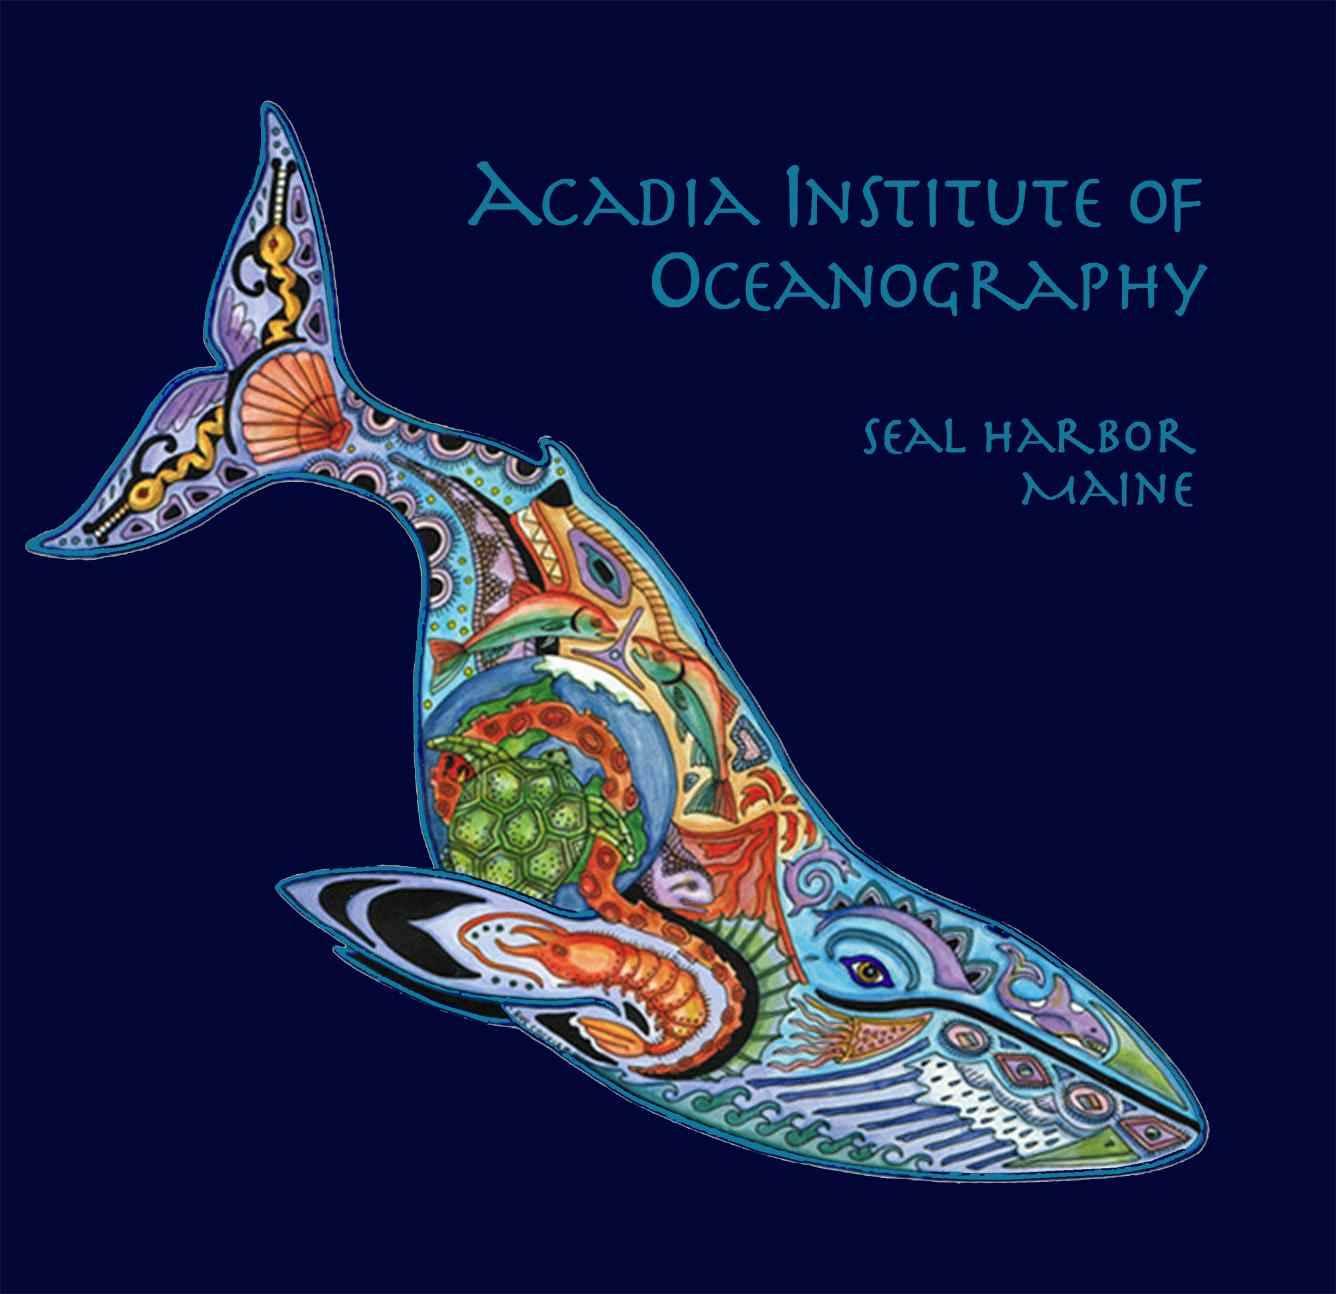 Acadia Institute: Intermediate Marine Science Camp Program